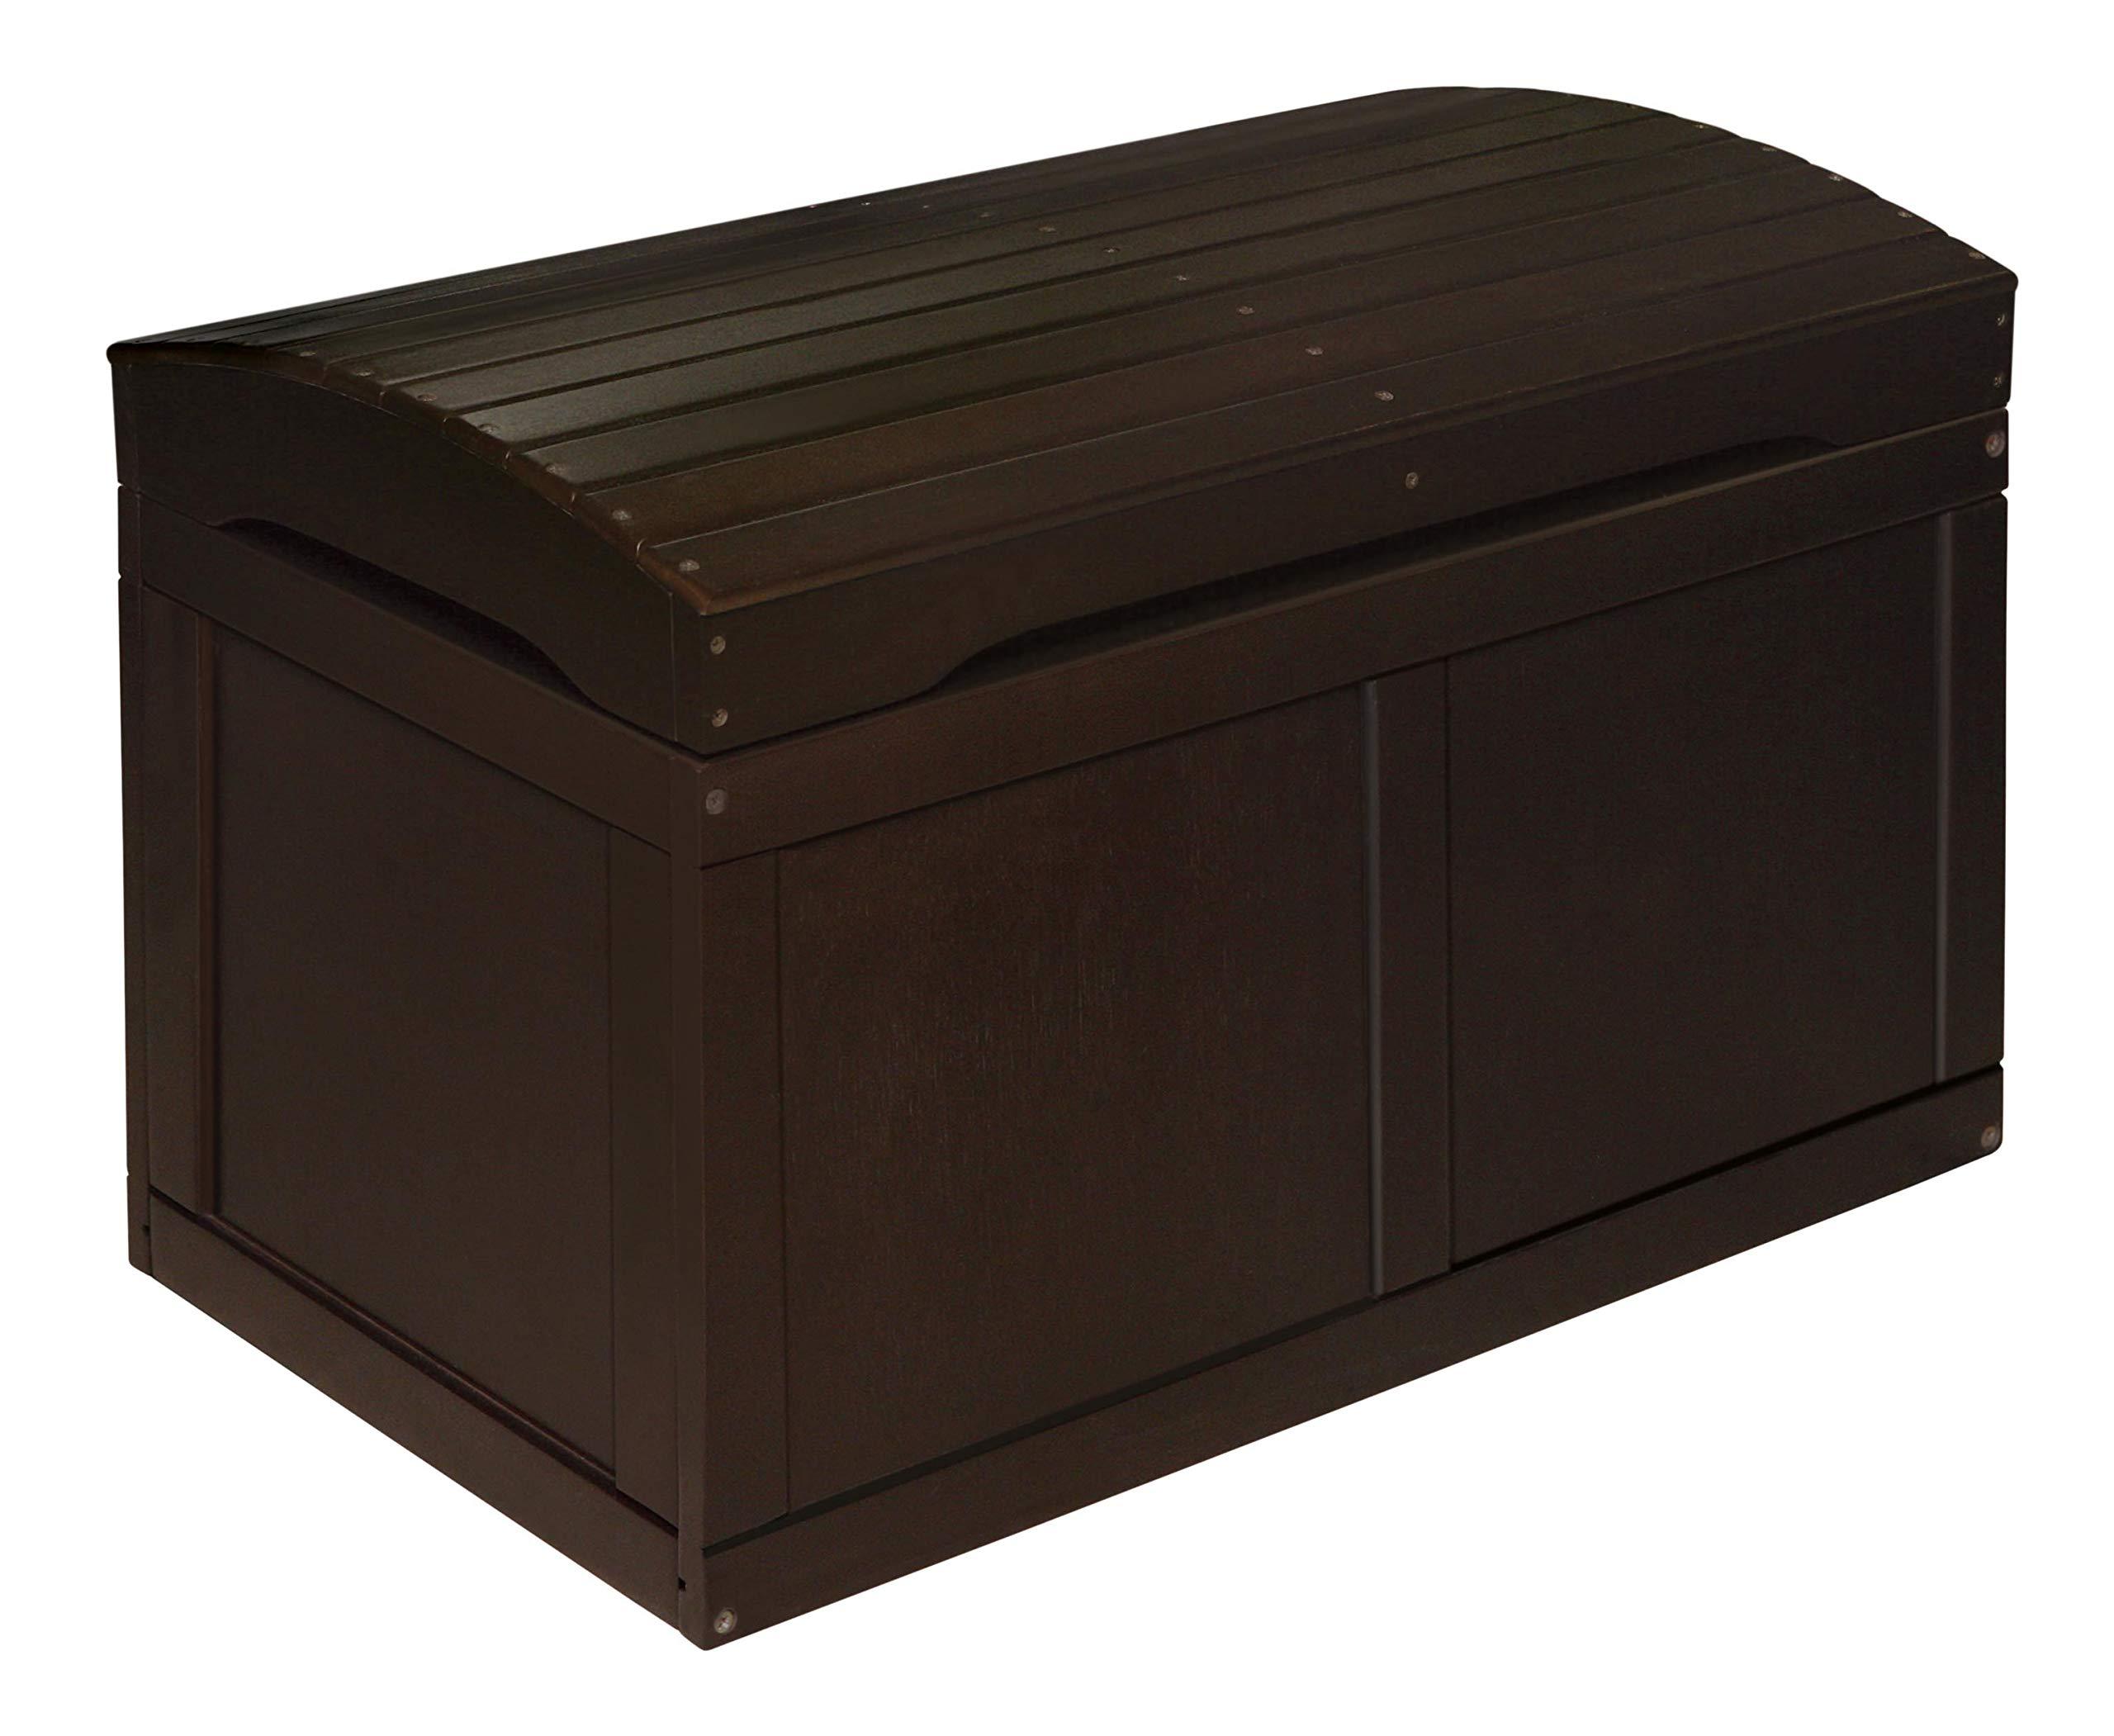 Hardwood Safety Hinge Barrel Top Toy Storage Chest by Badger Basket